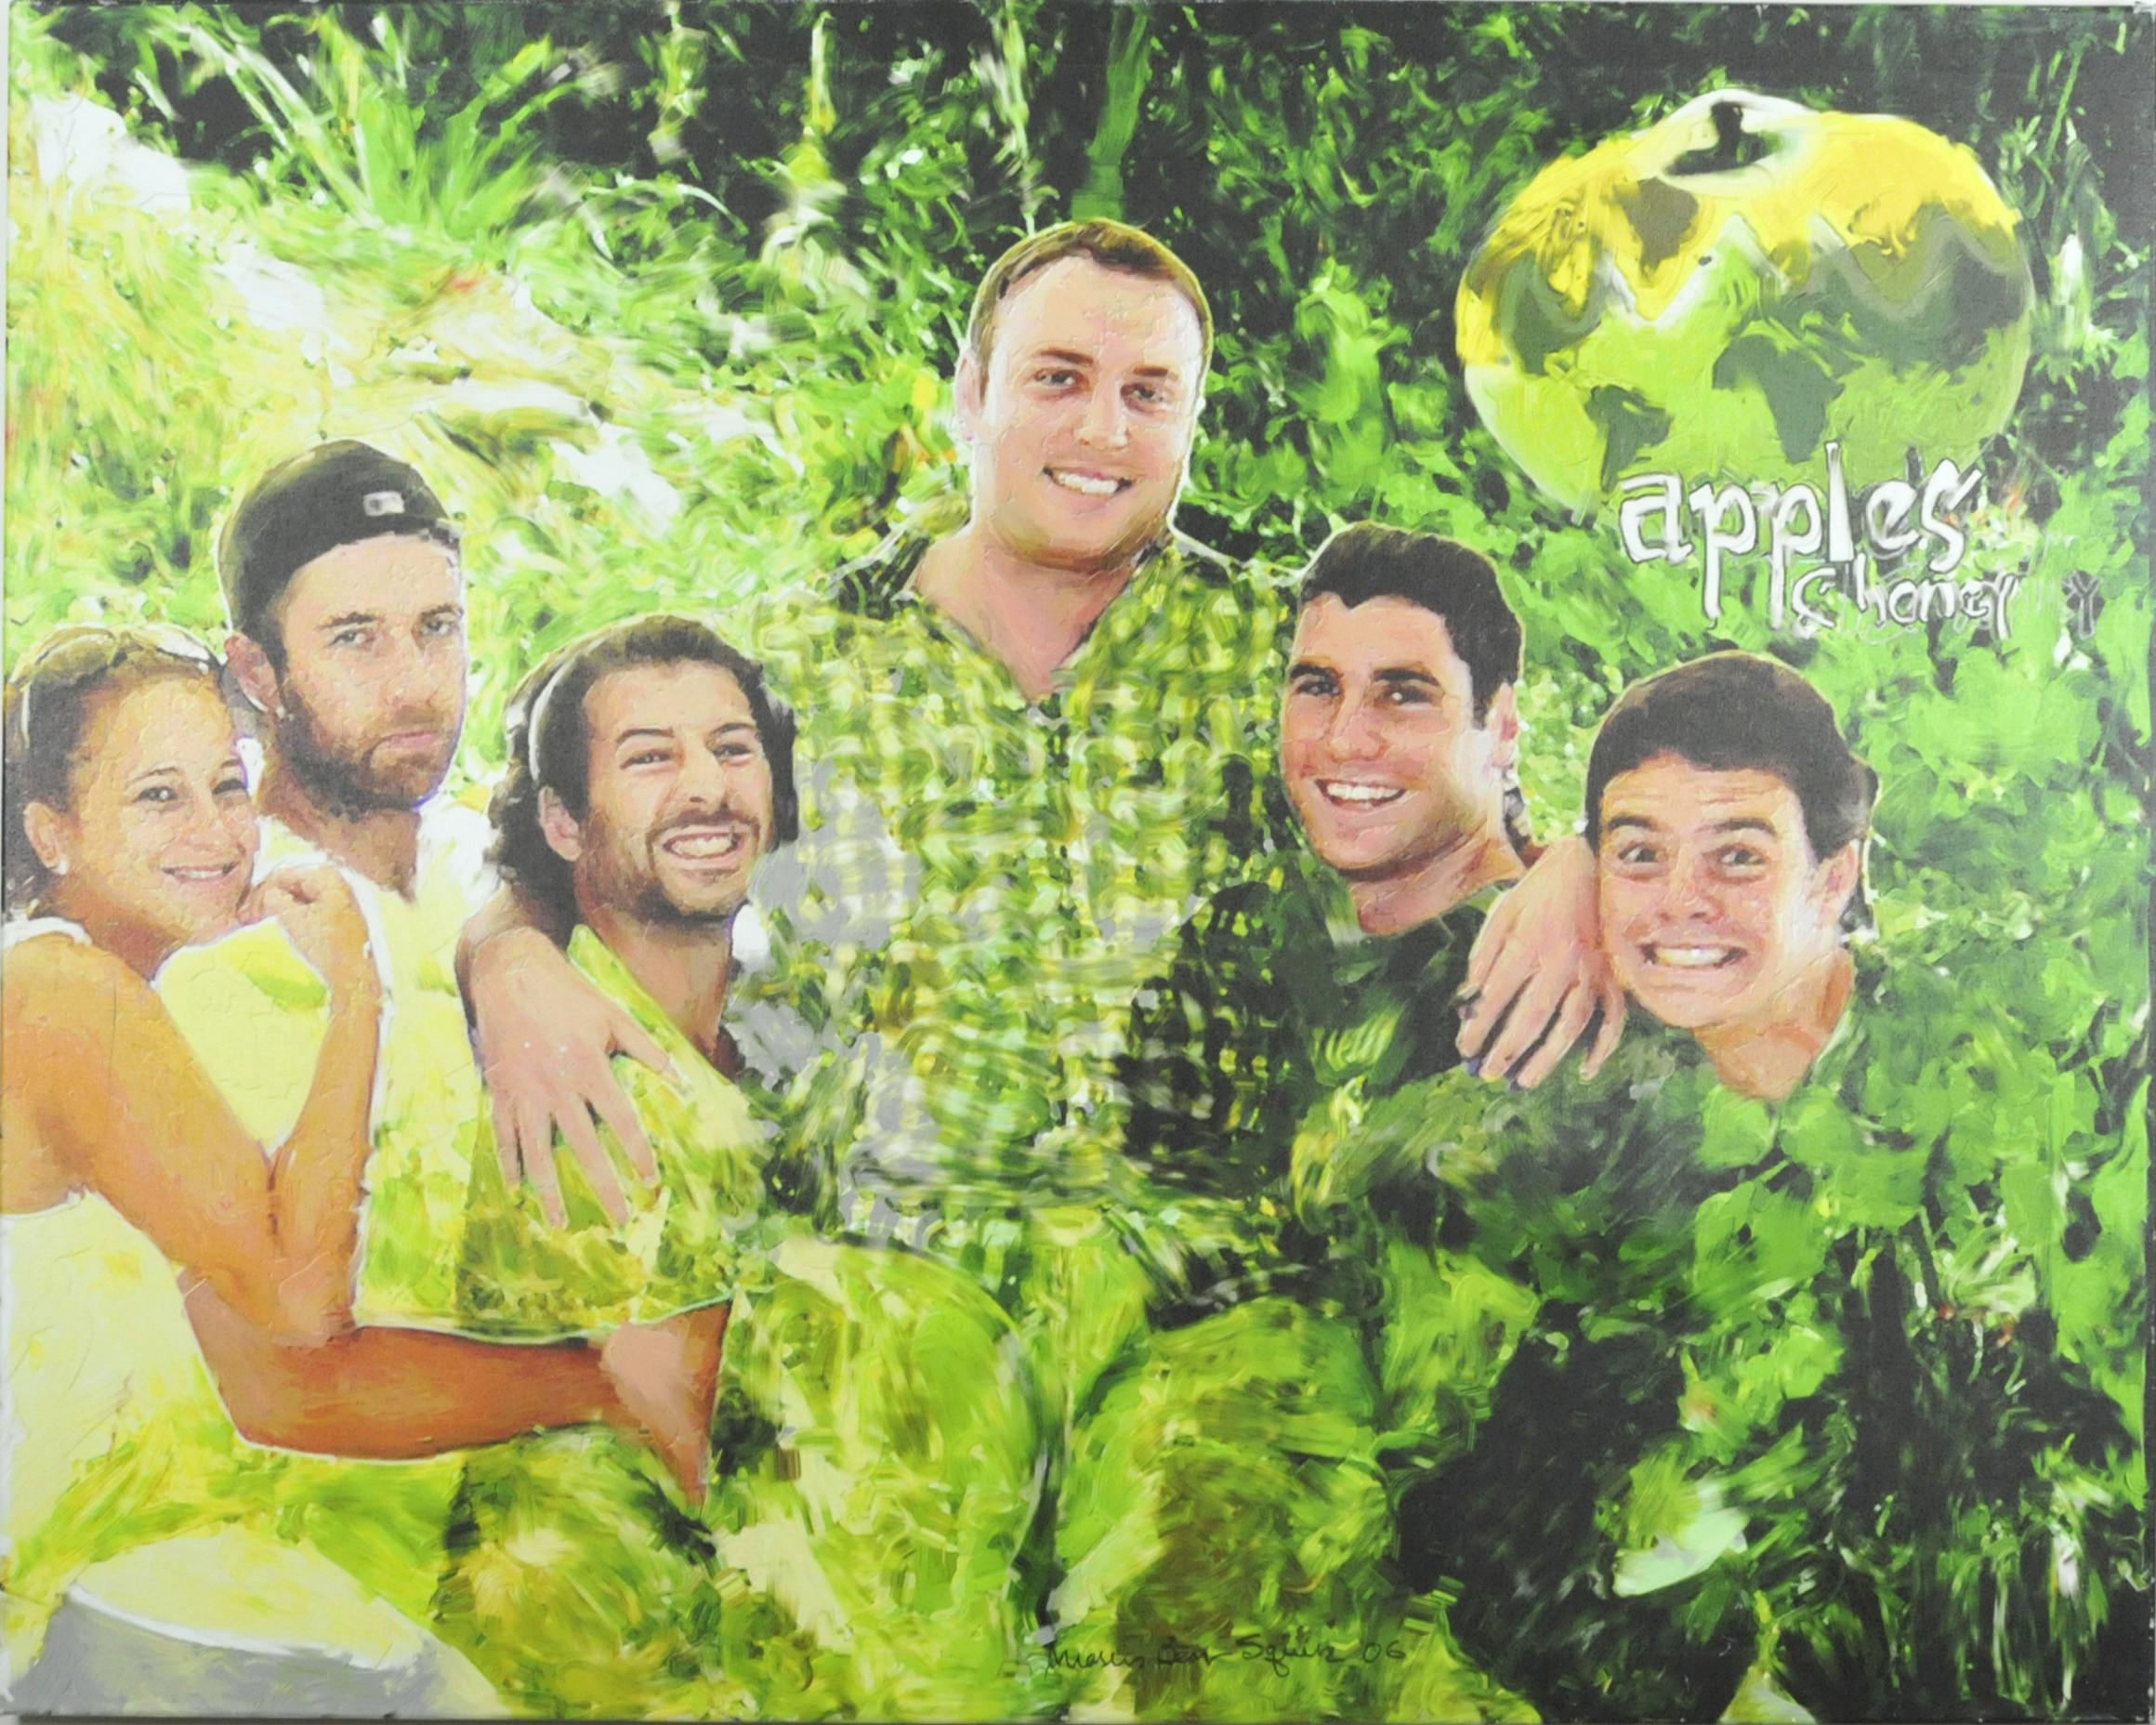 28_2006_digital_portraits_szmbpd.jpg